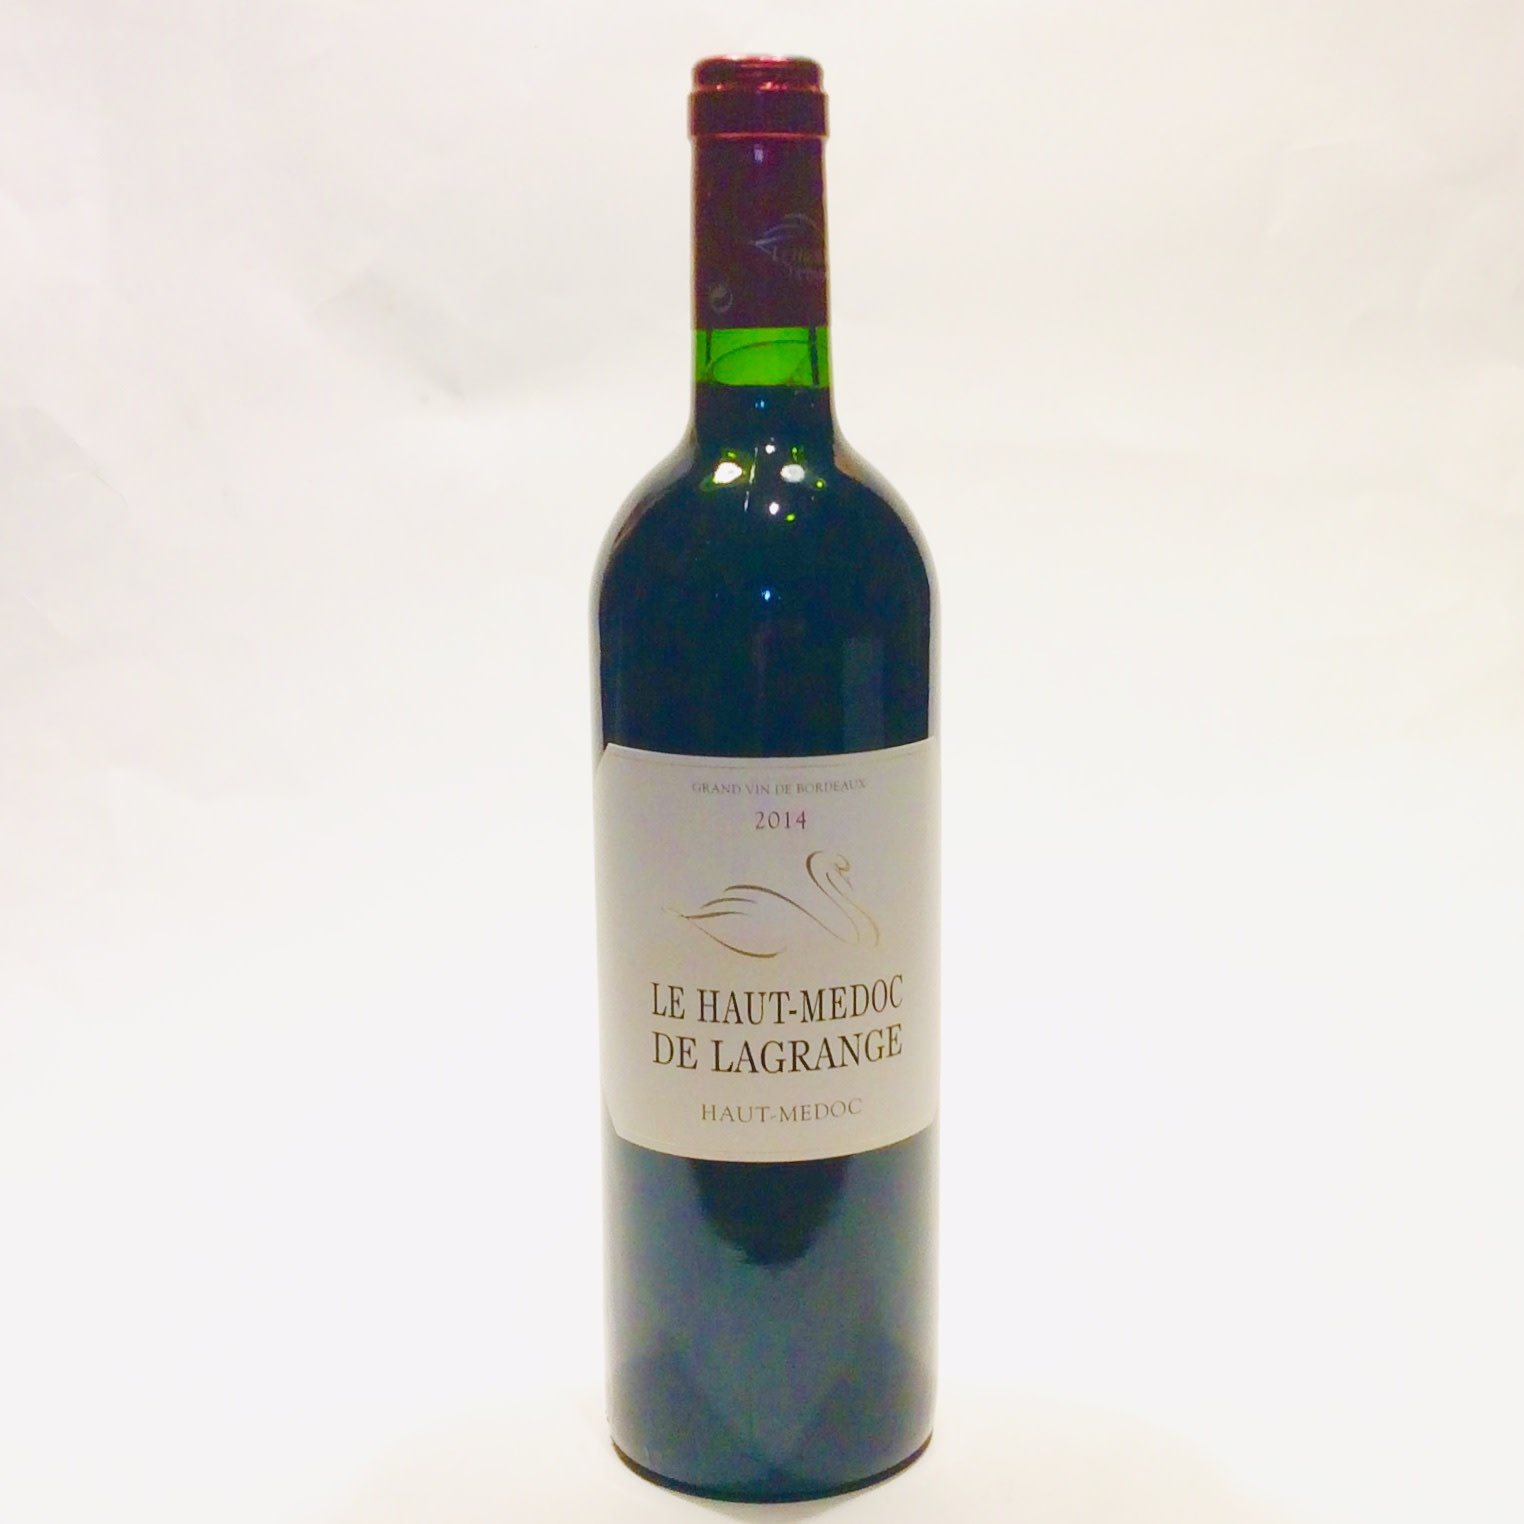 St Julien - Haut - Medoc de Lagrange 2014 (750 ml)